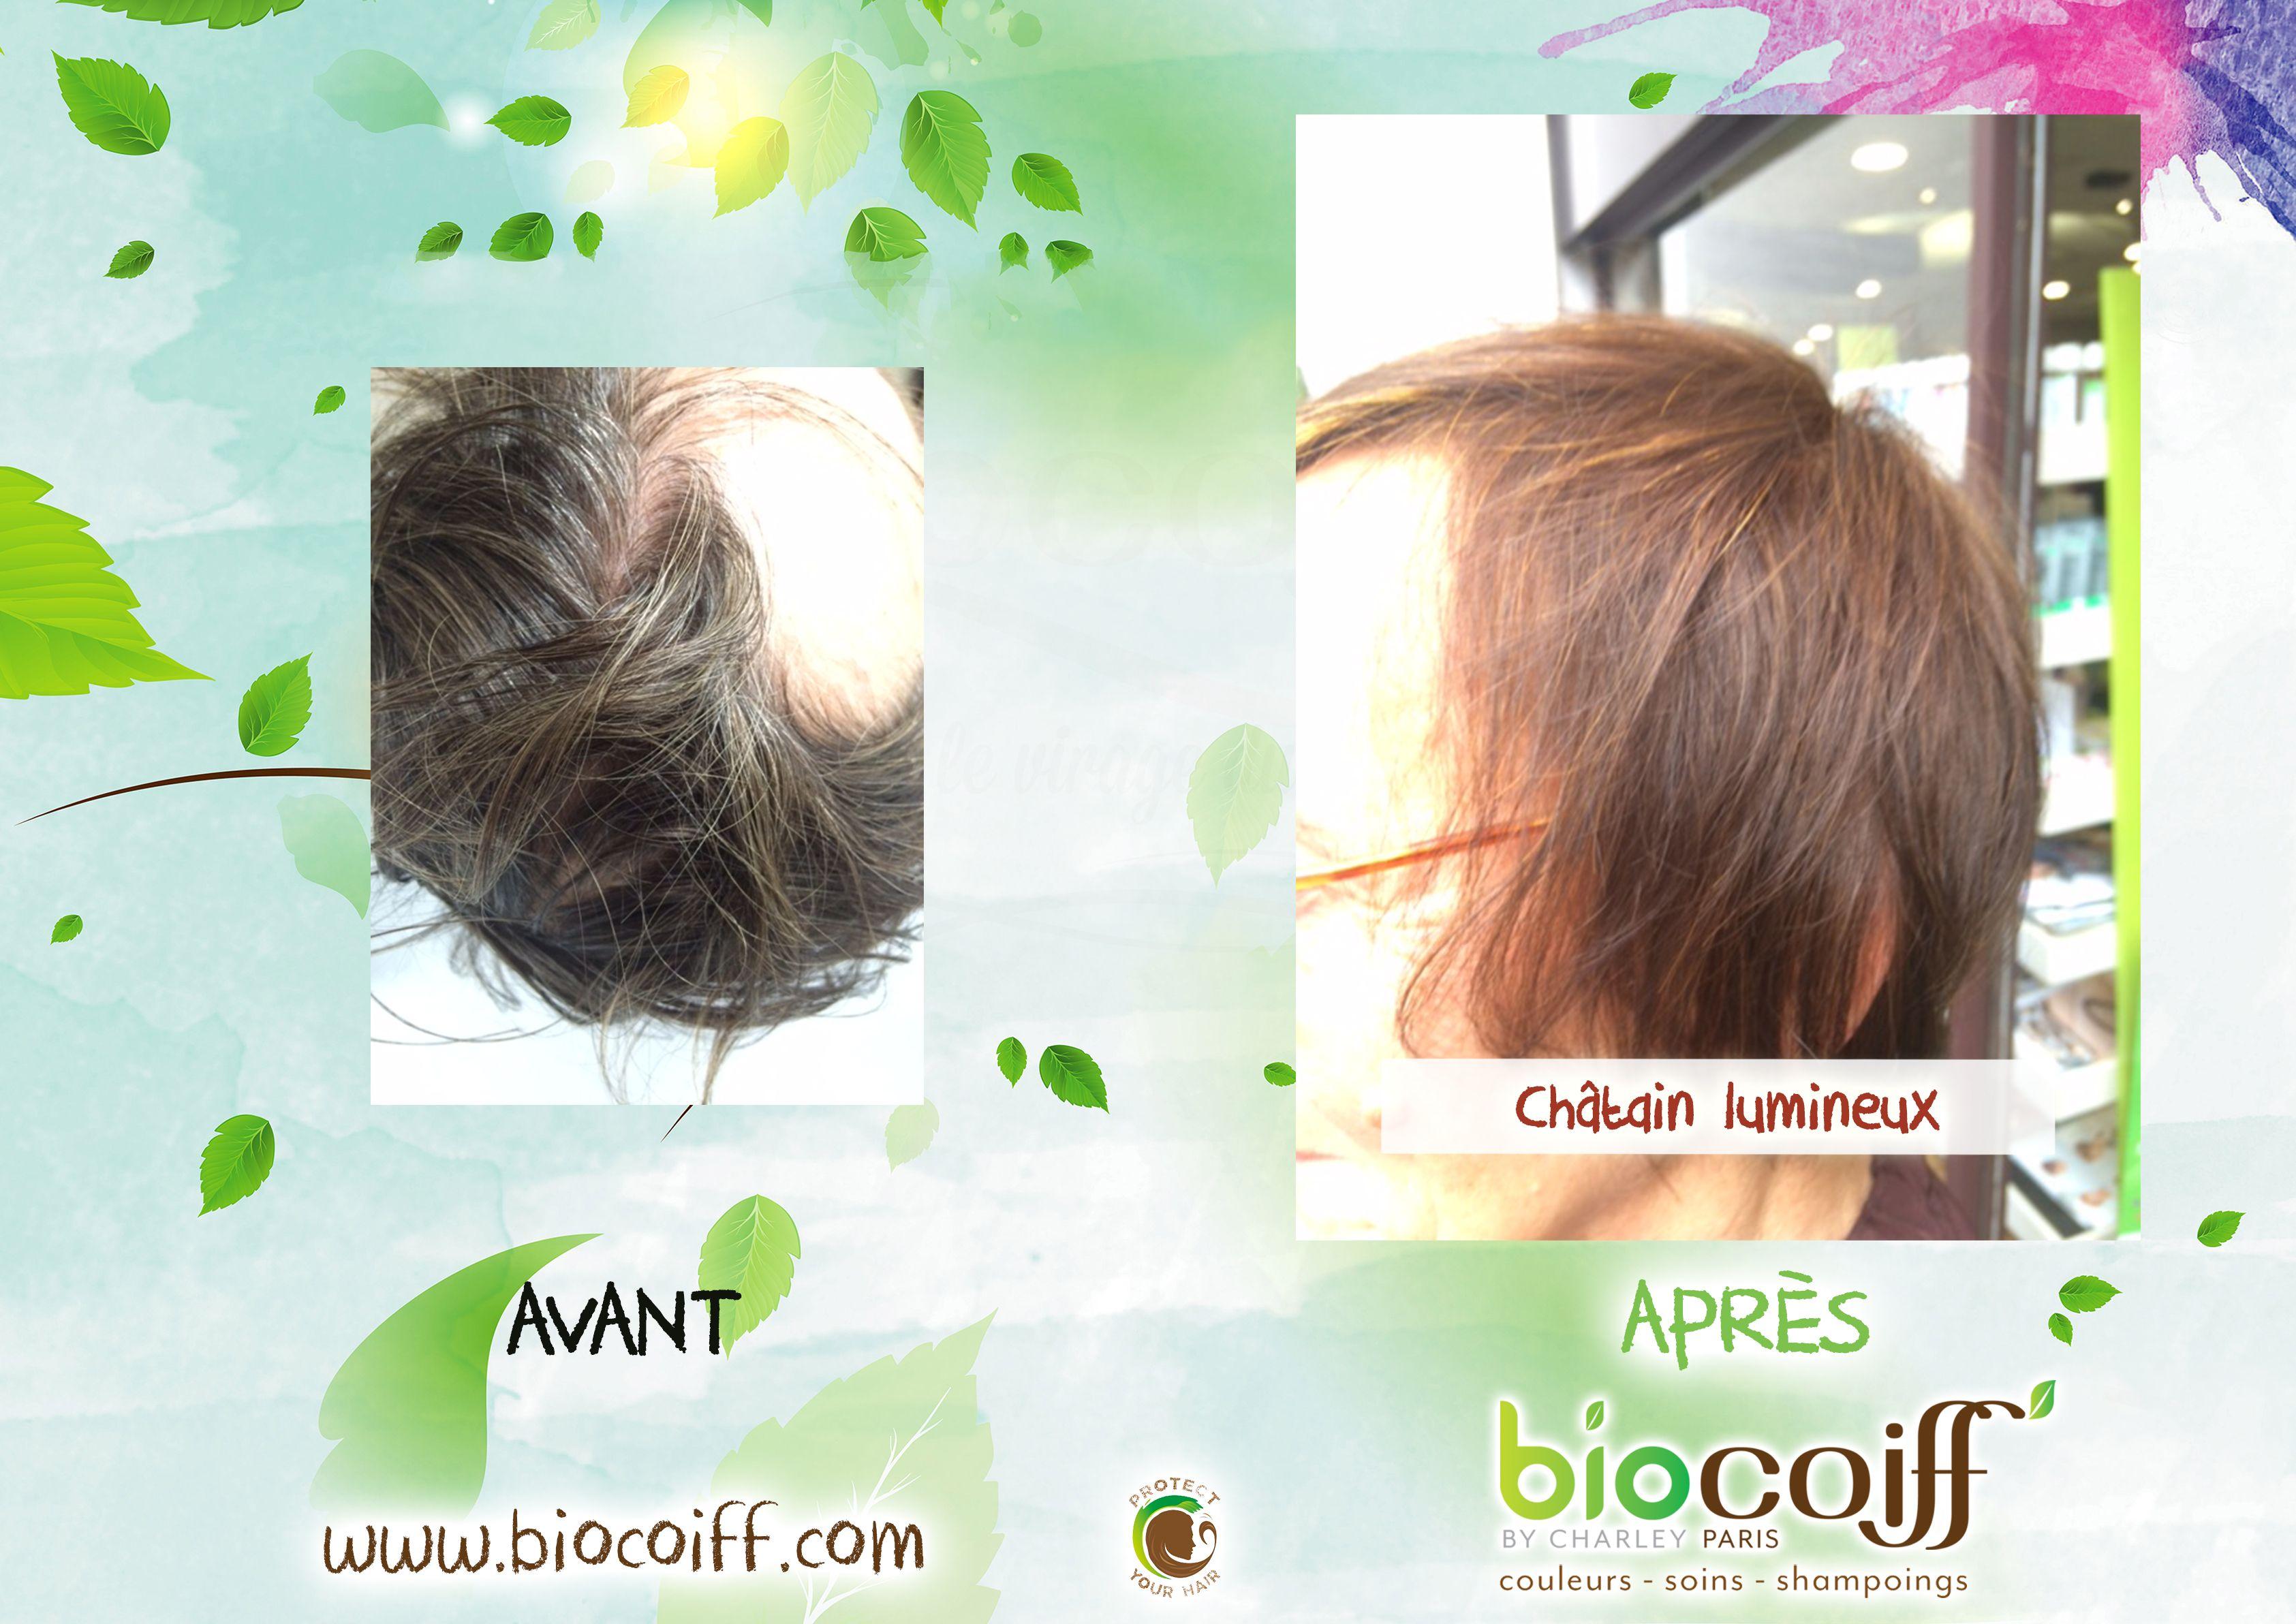 Joli Chatain Lumineux Par Notre Salon Du 13eme Natural Cheveux Coloration Biocoiff Rides Front Soigner Ses Cheveux Chatains